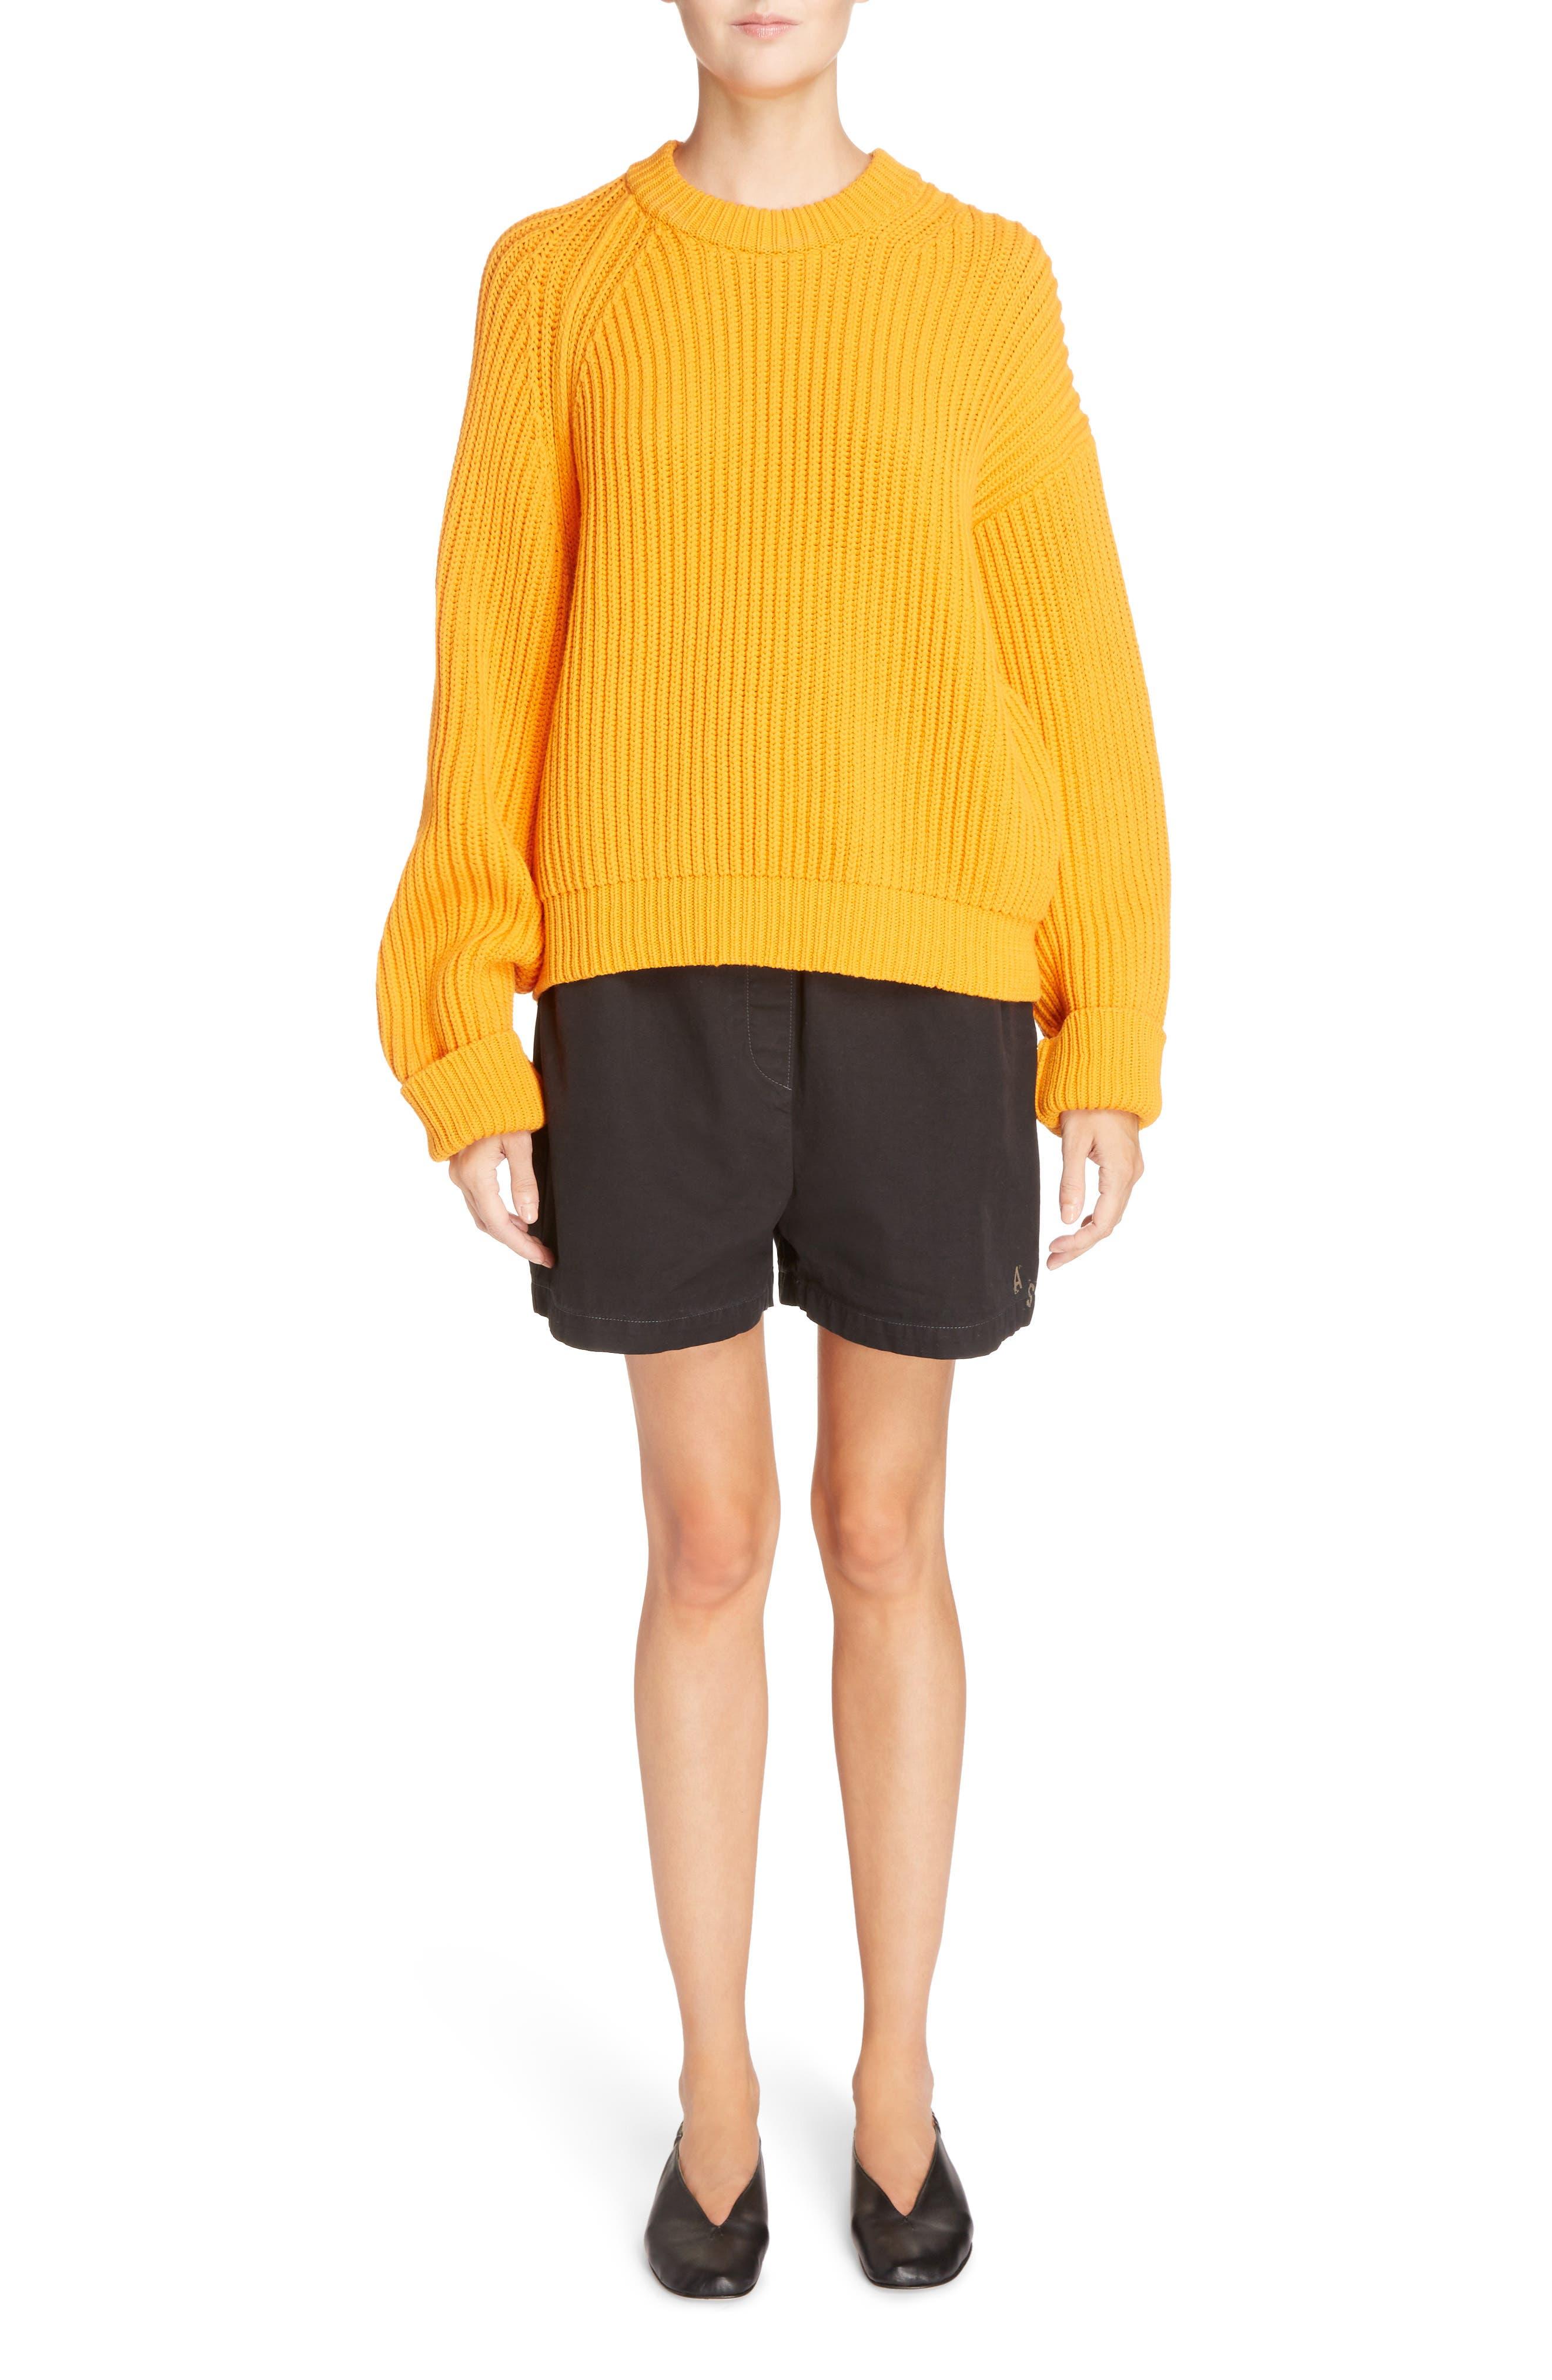 Marit Chino Shorts,                             Alternate thumbnail 6, color,                             001